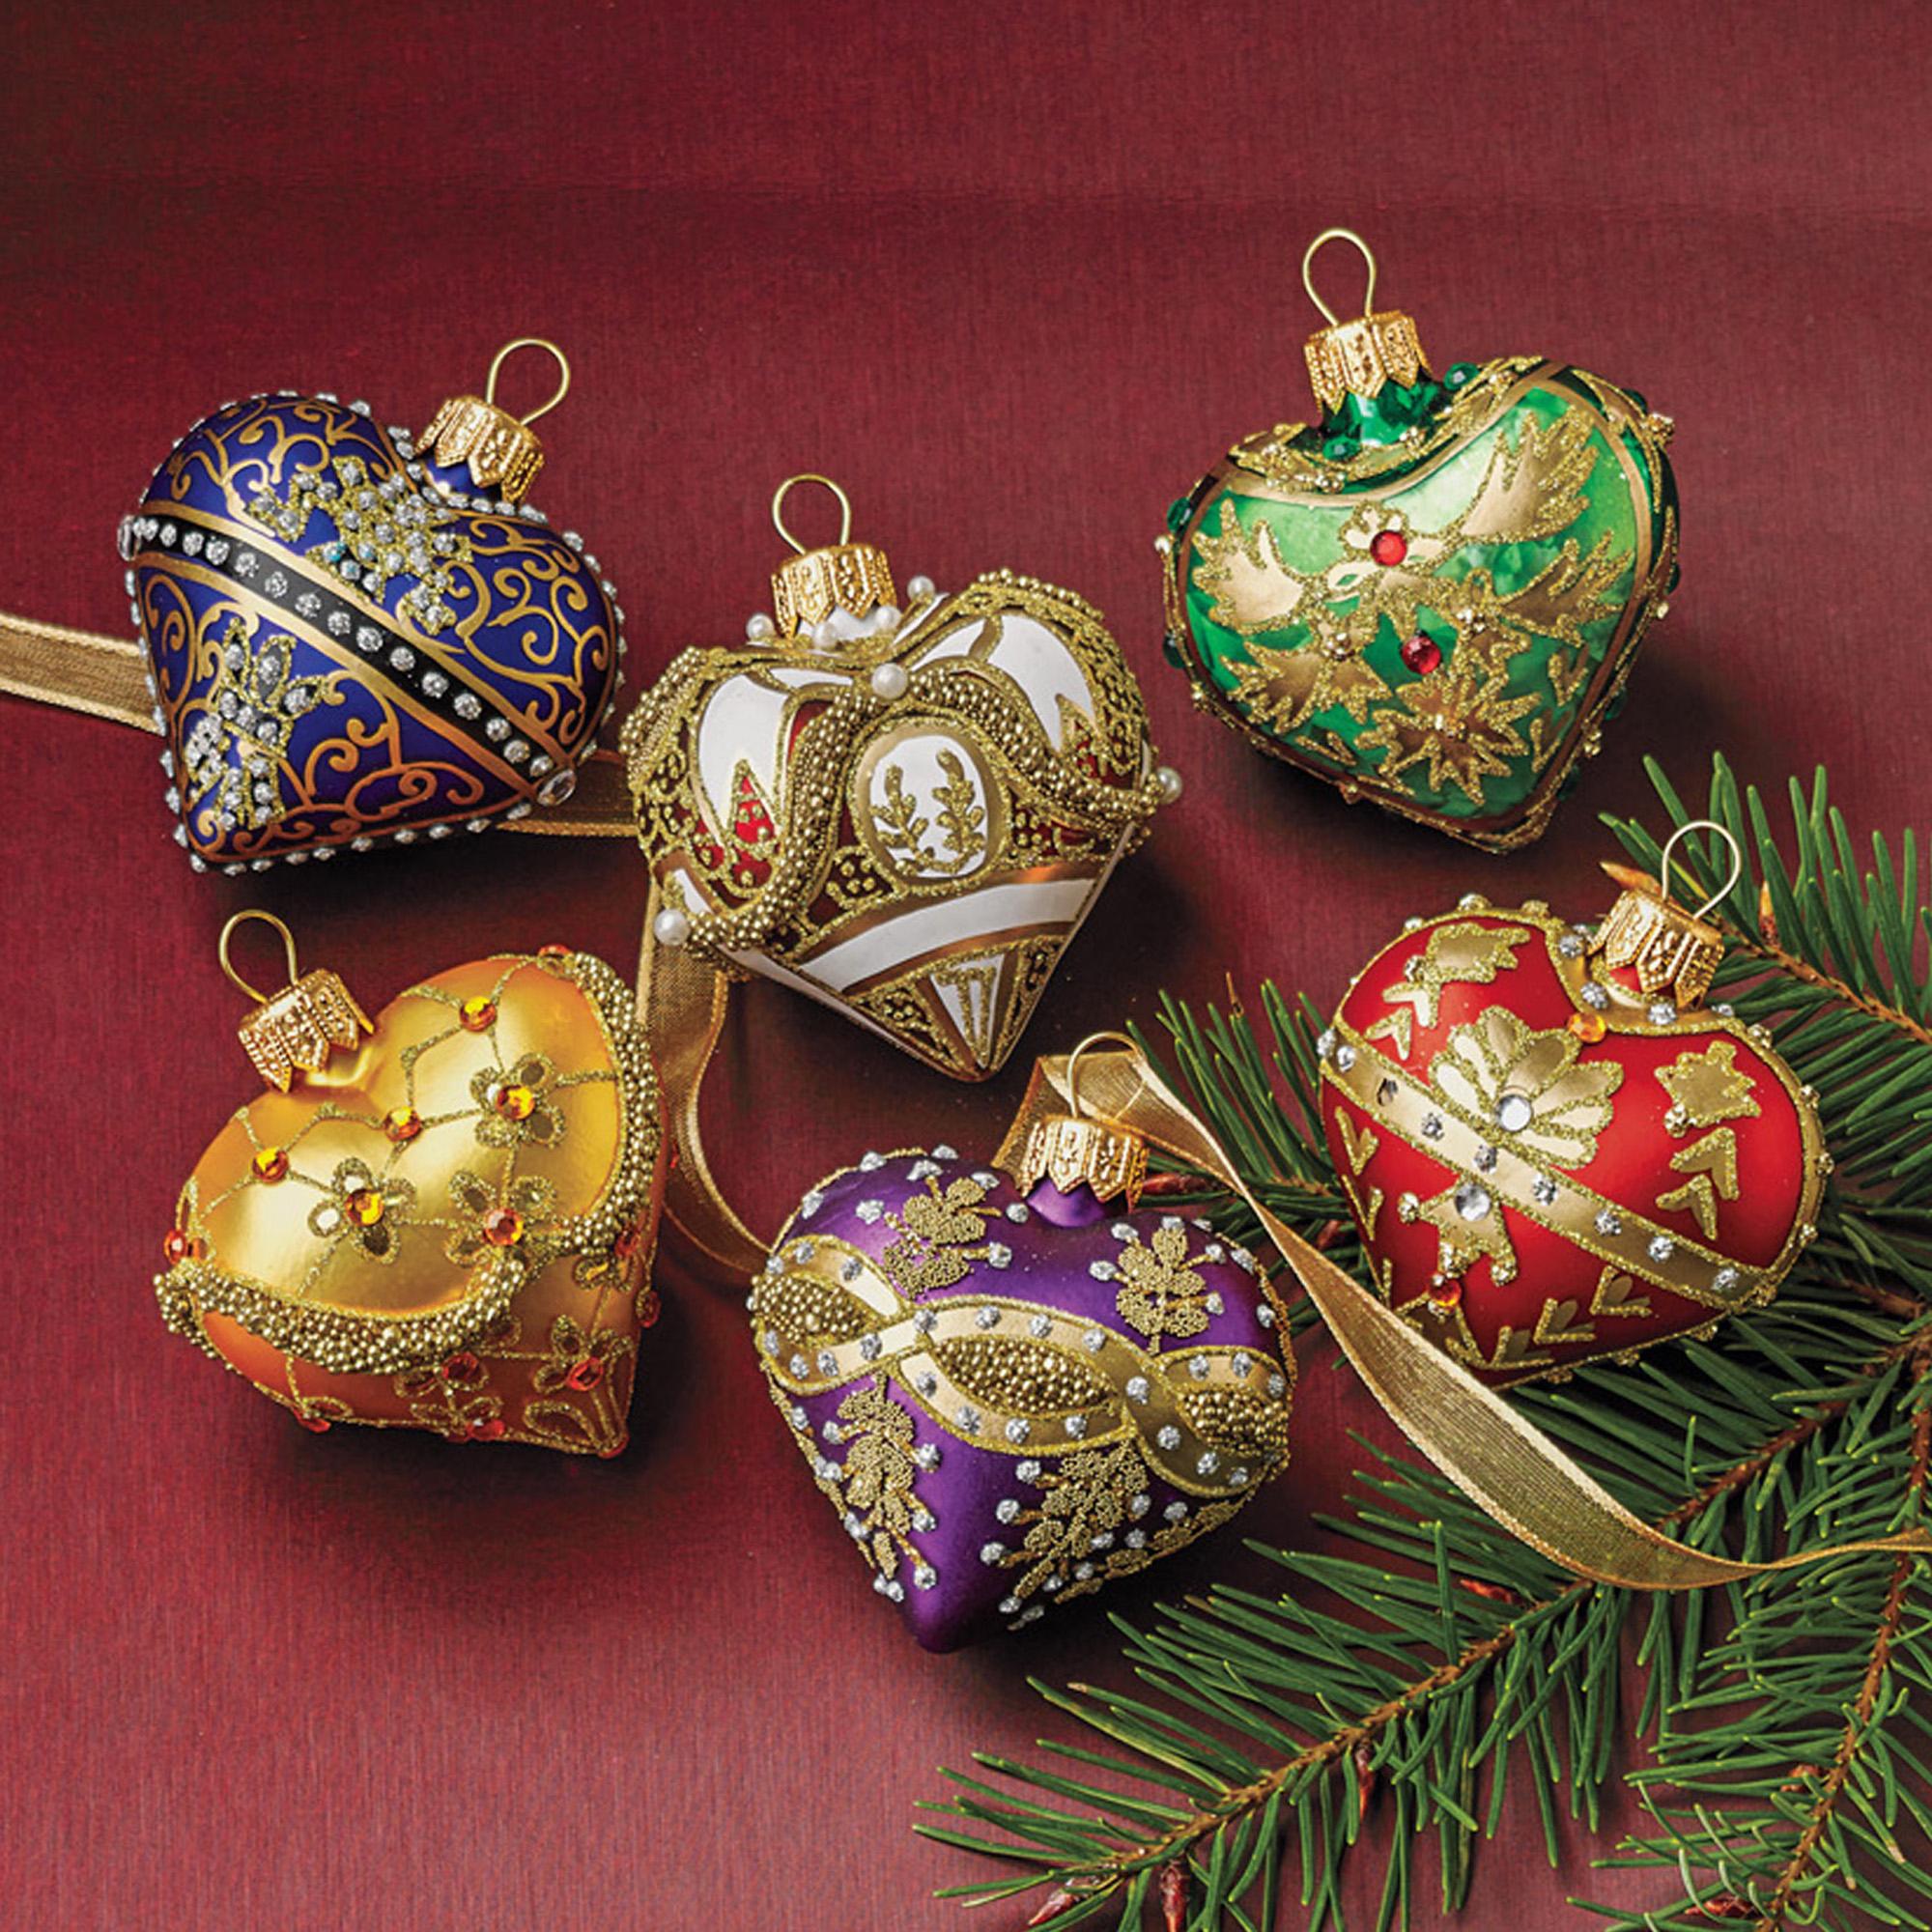 Embellished Heart Christmas Ornament Set Gumps